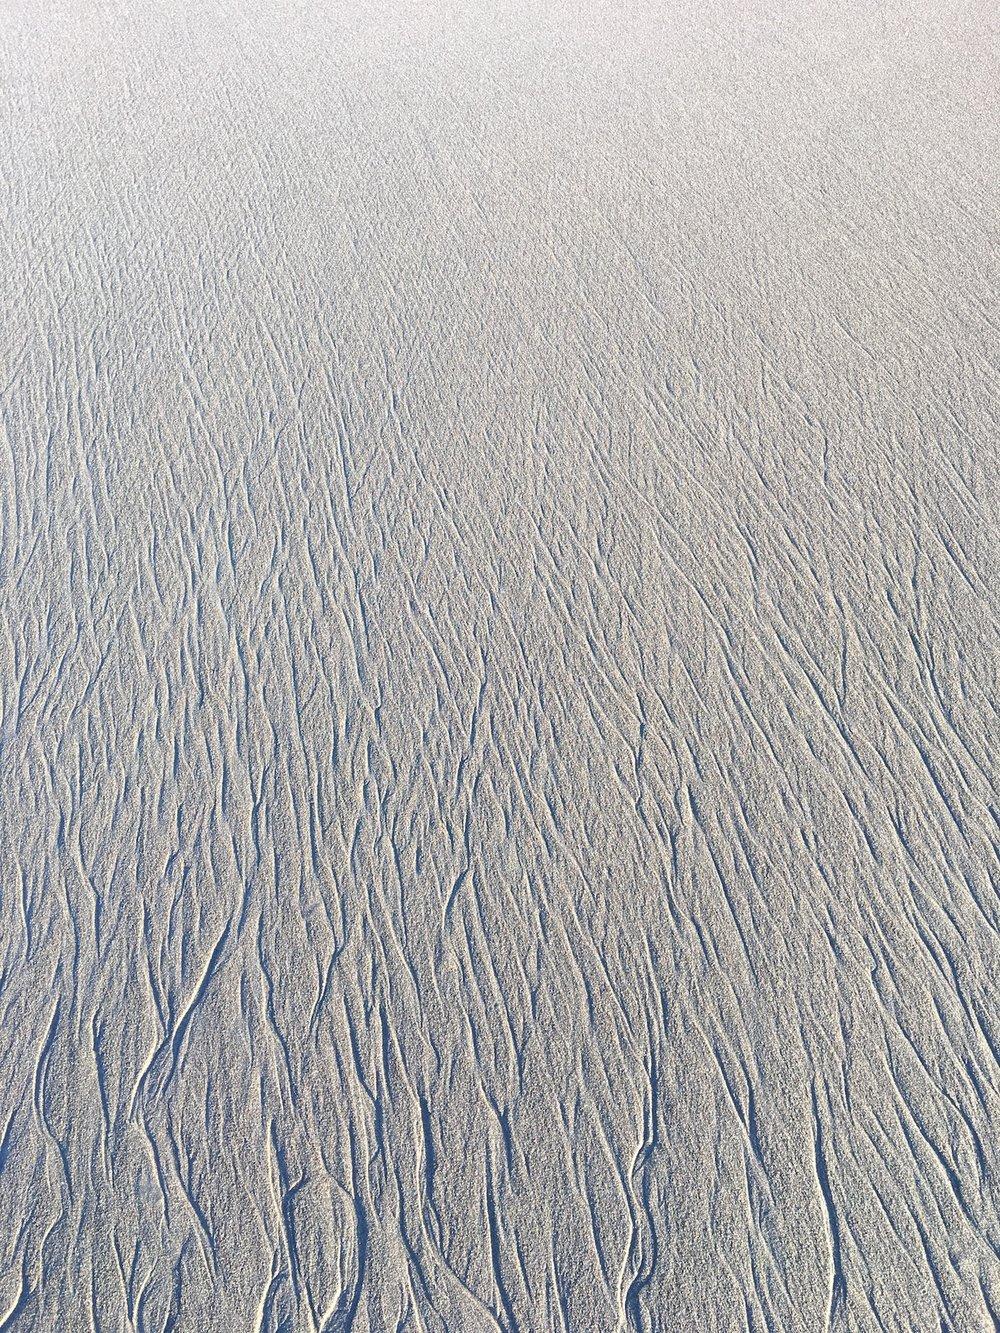 a_sand-fading.JPG